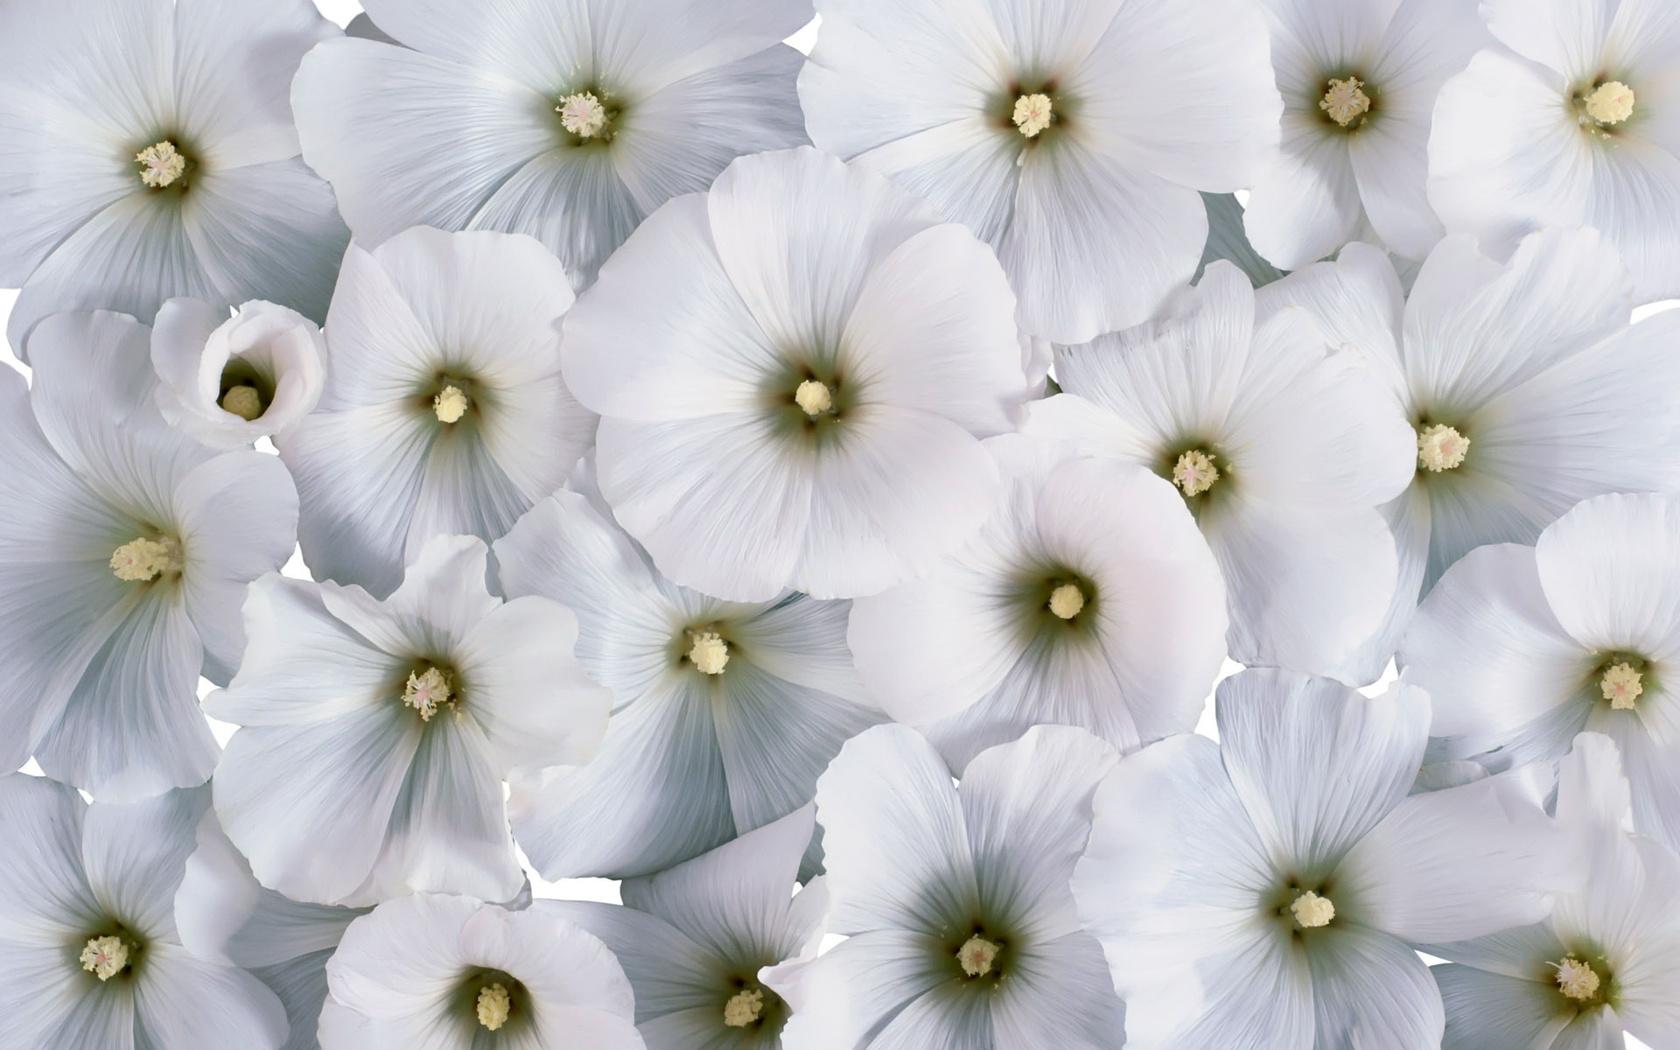 Марта, цветы белые картинки